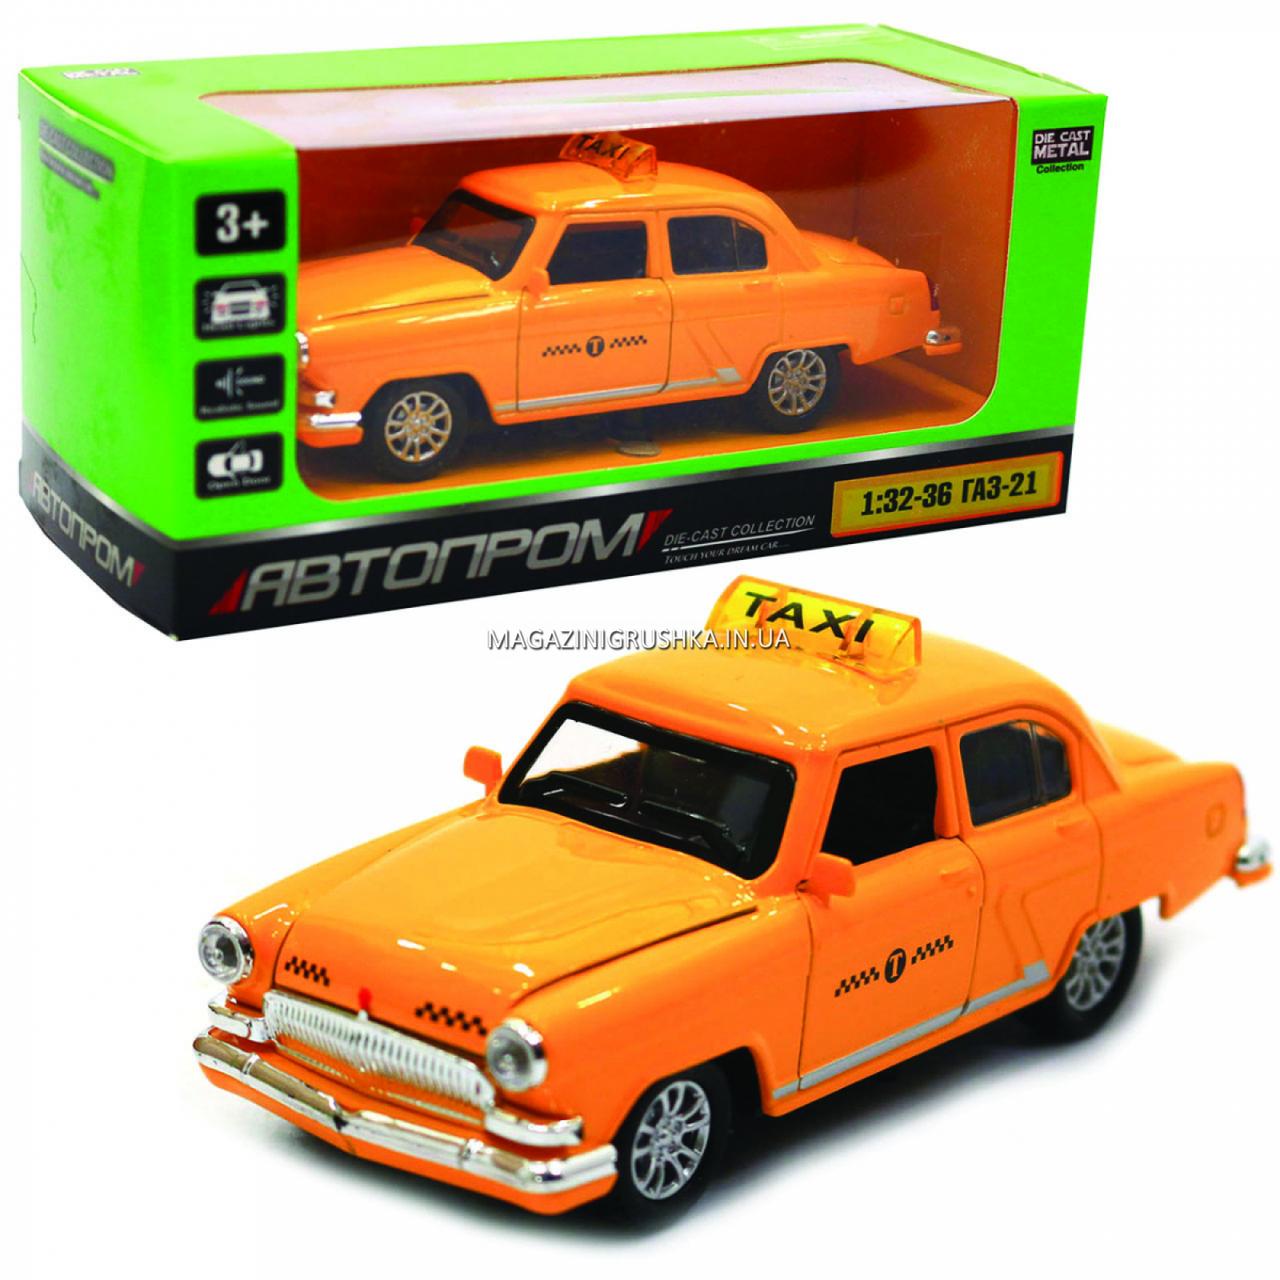 Машинка игровая автопром «1:32-36 ГАЗ-21» металл, 14 см, желтый такси, свет, звук, двери открываются (7508)